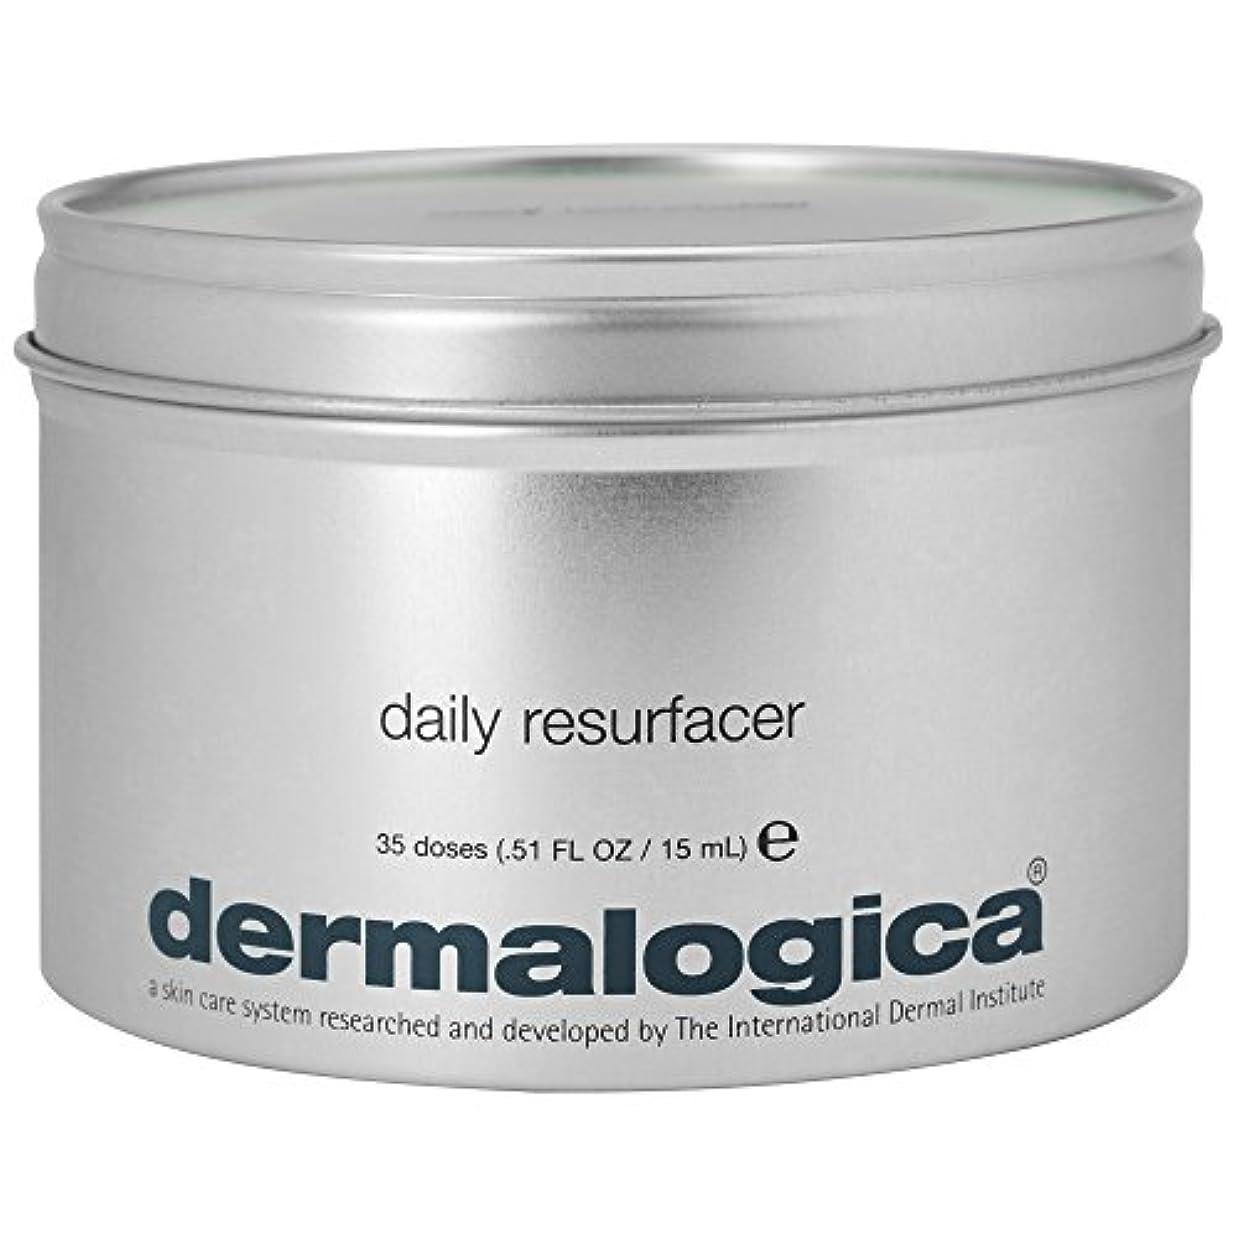 勃起説明する楽観的35のダーマロジカ毎日Resurfacerパック (Dermalogica) (x2) - Dermalogica Daily Resurfacer Pack of 35 (Pack of 2) [並行輸入品]